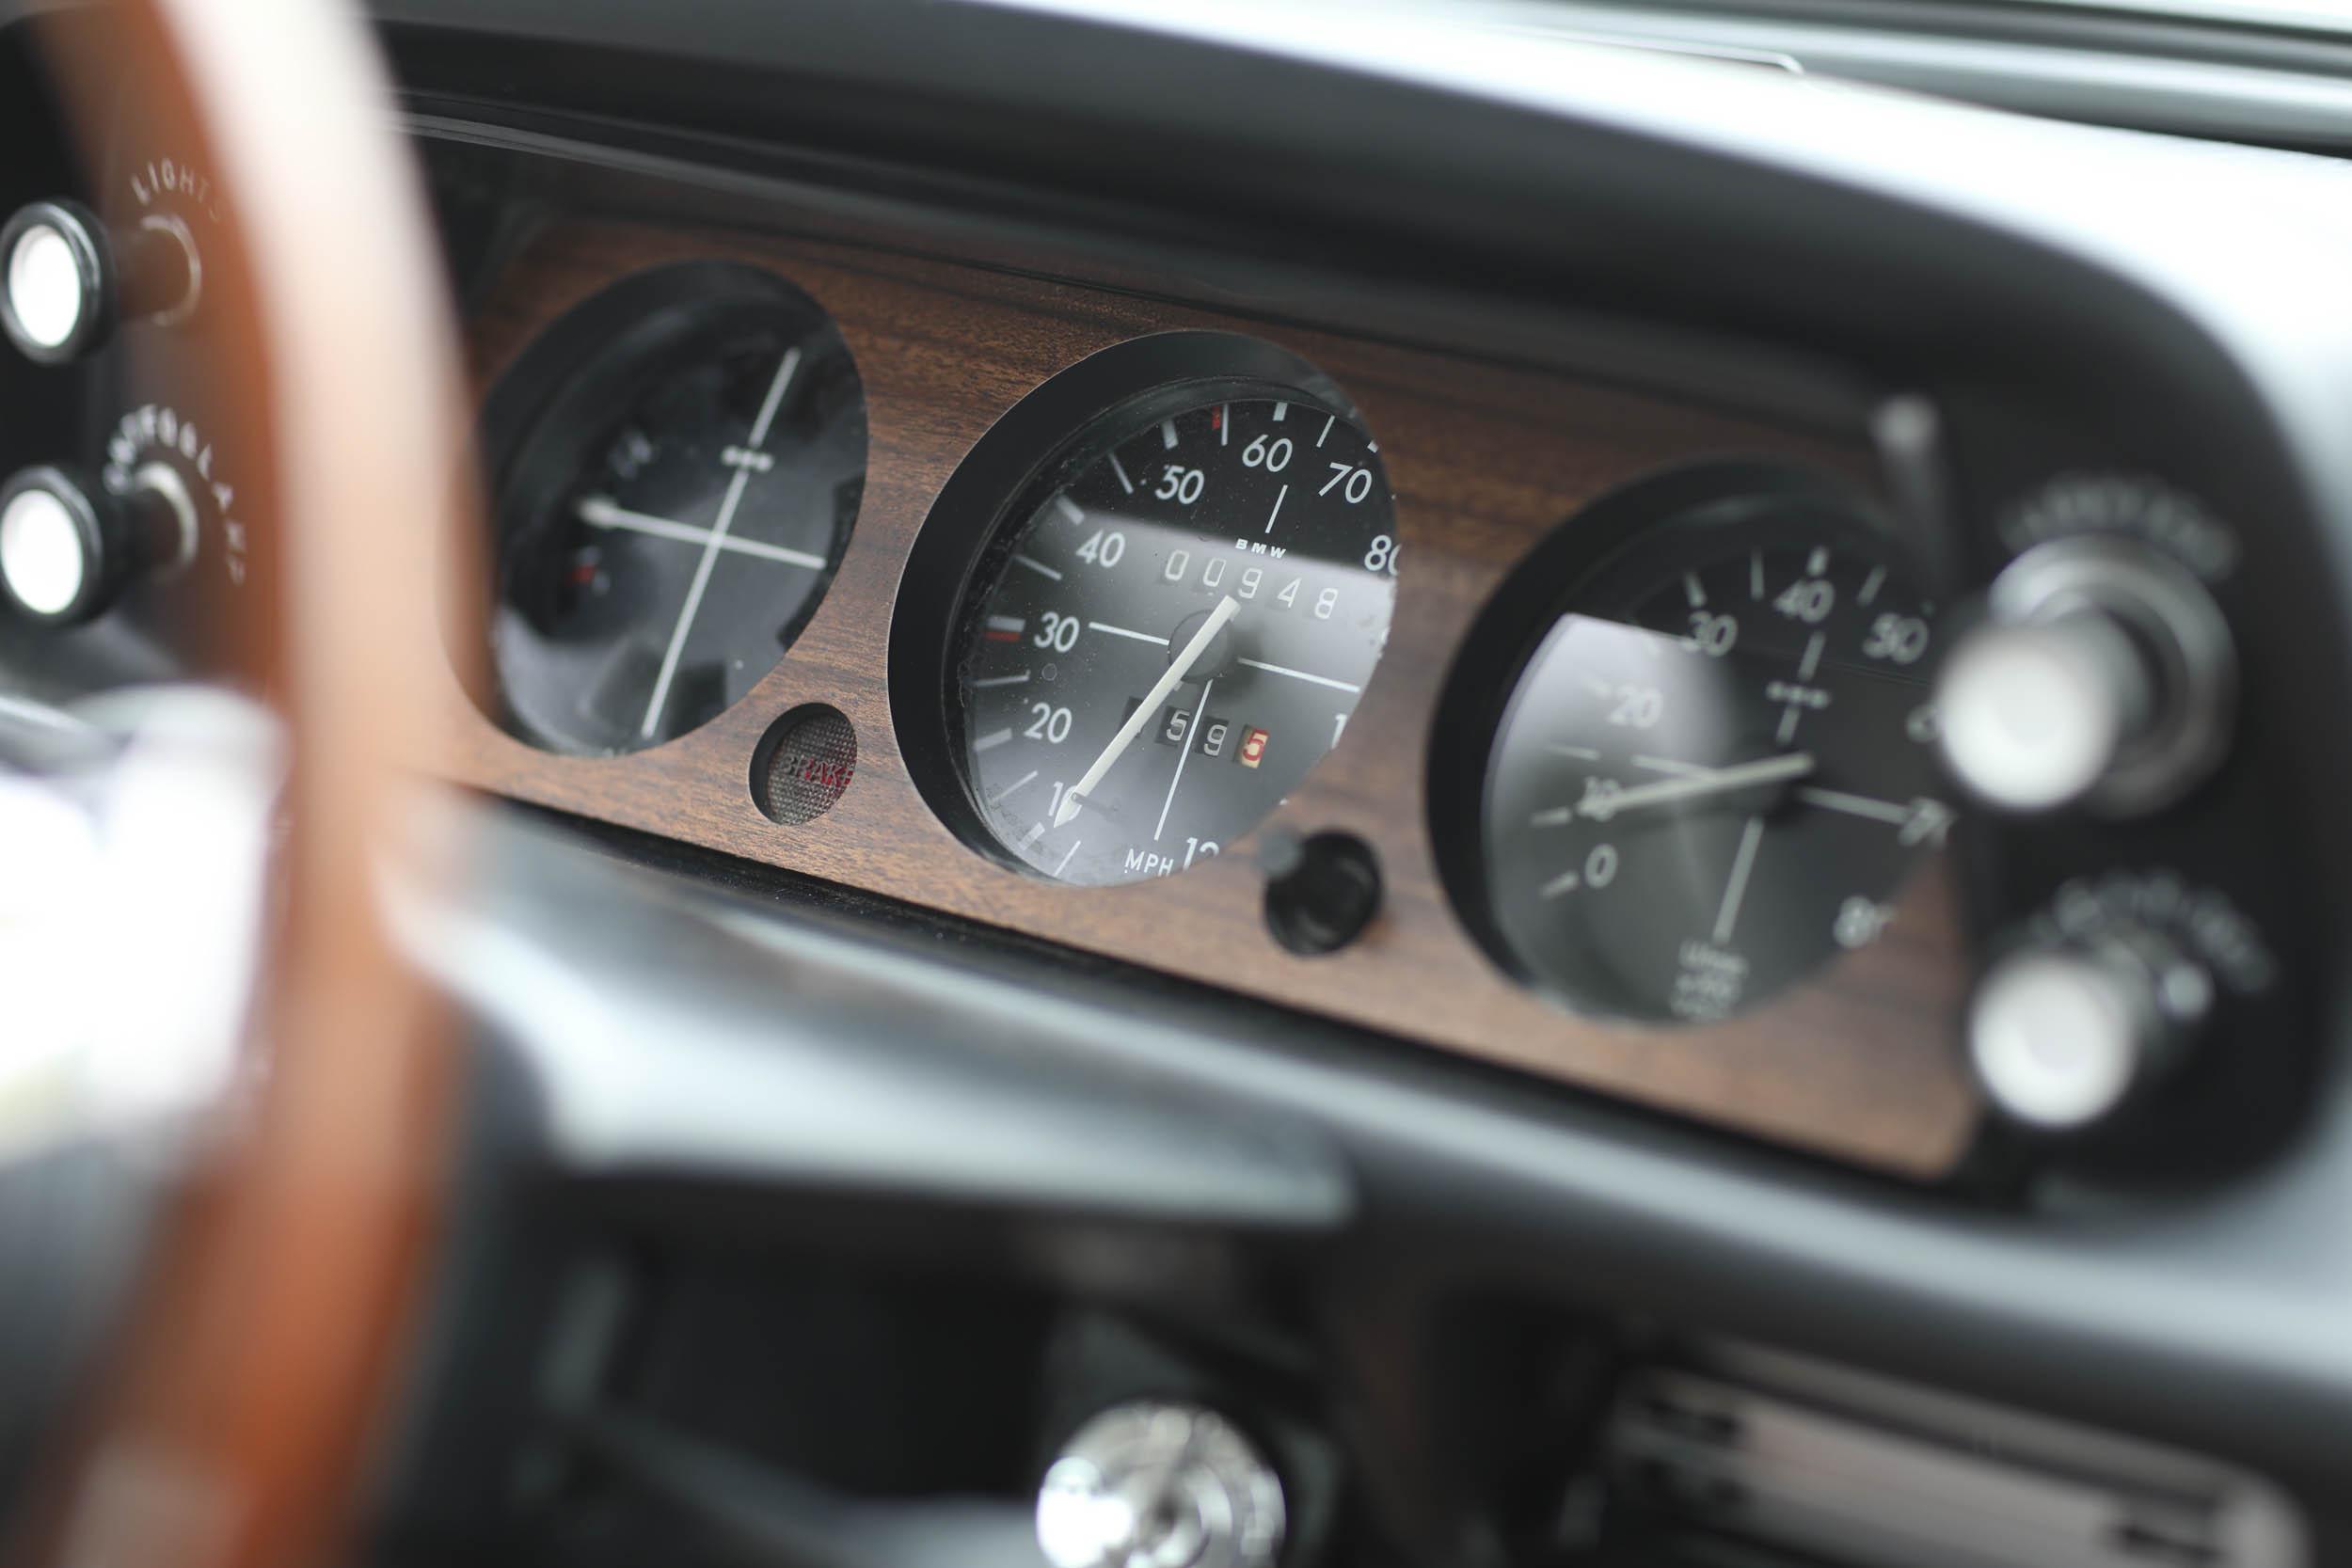 1975 BMW 2002 gauge cluster